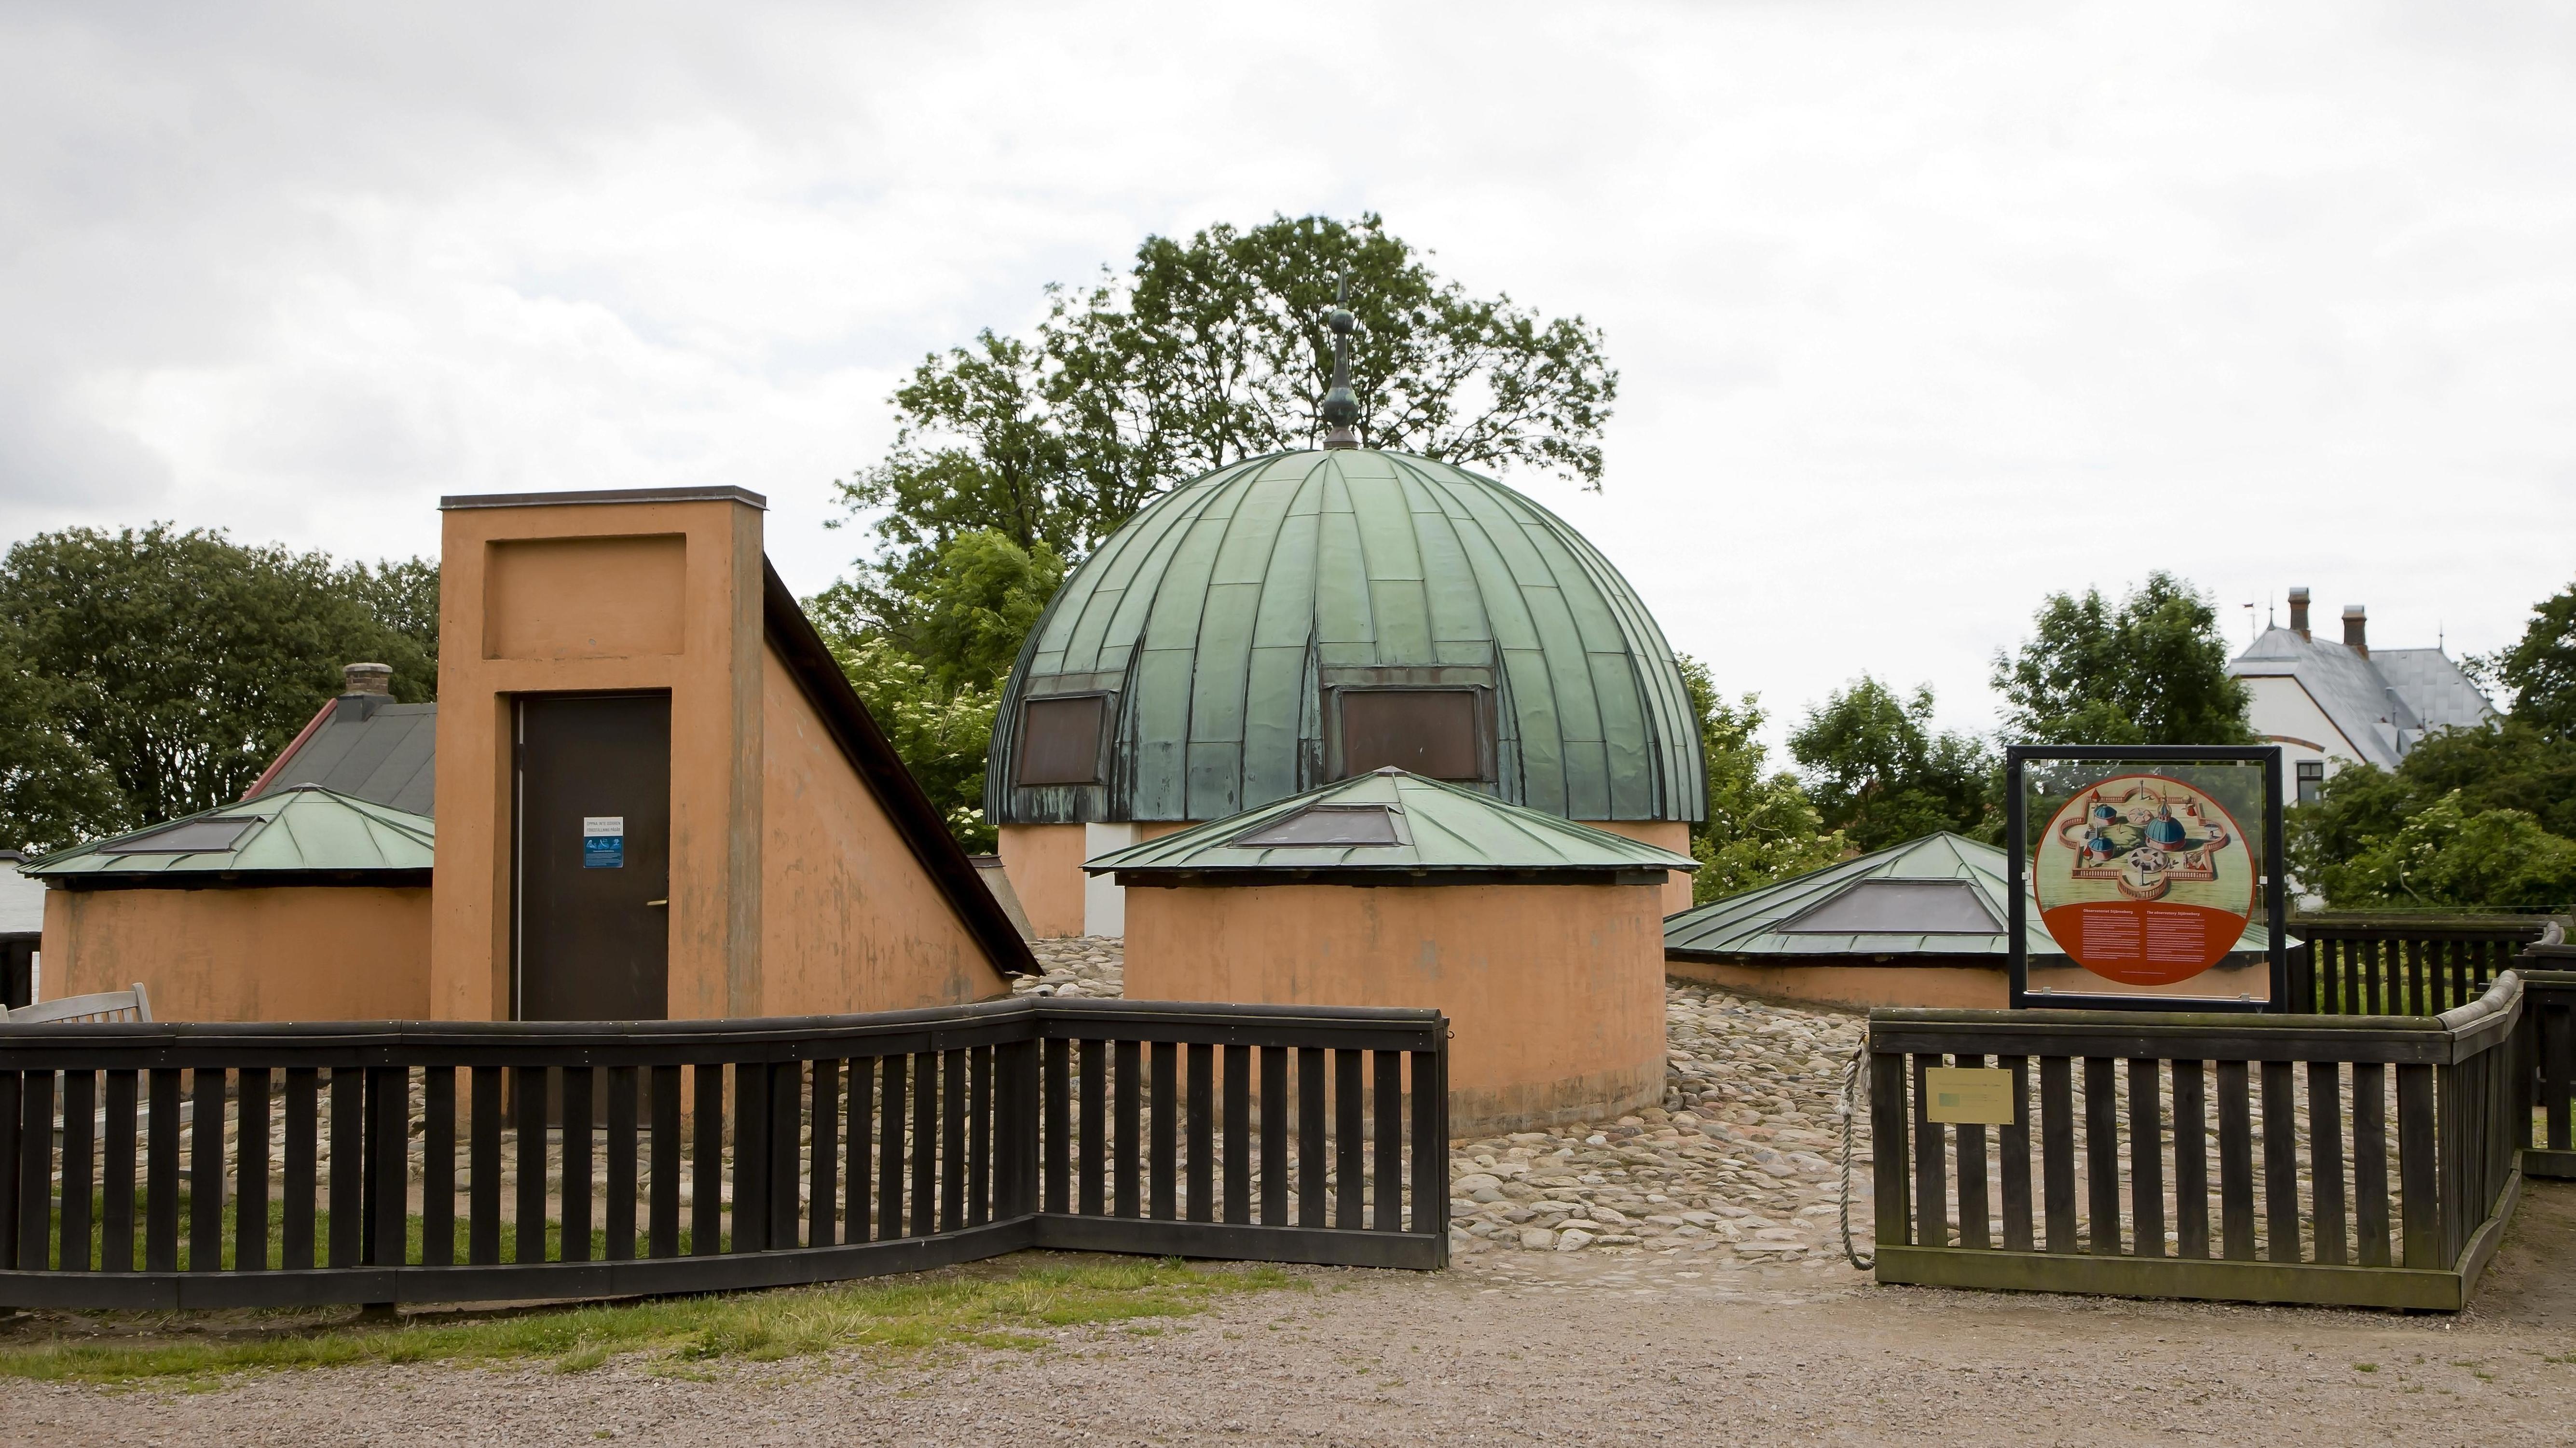 Observatorium Stjerneborg auf der Insel Ven